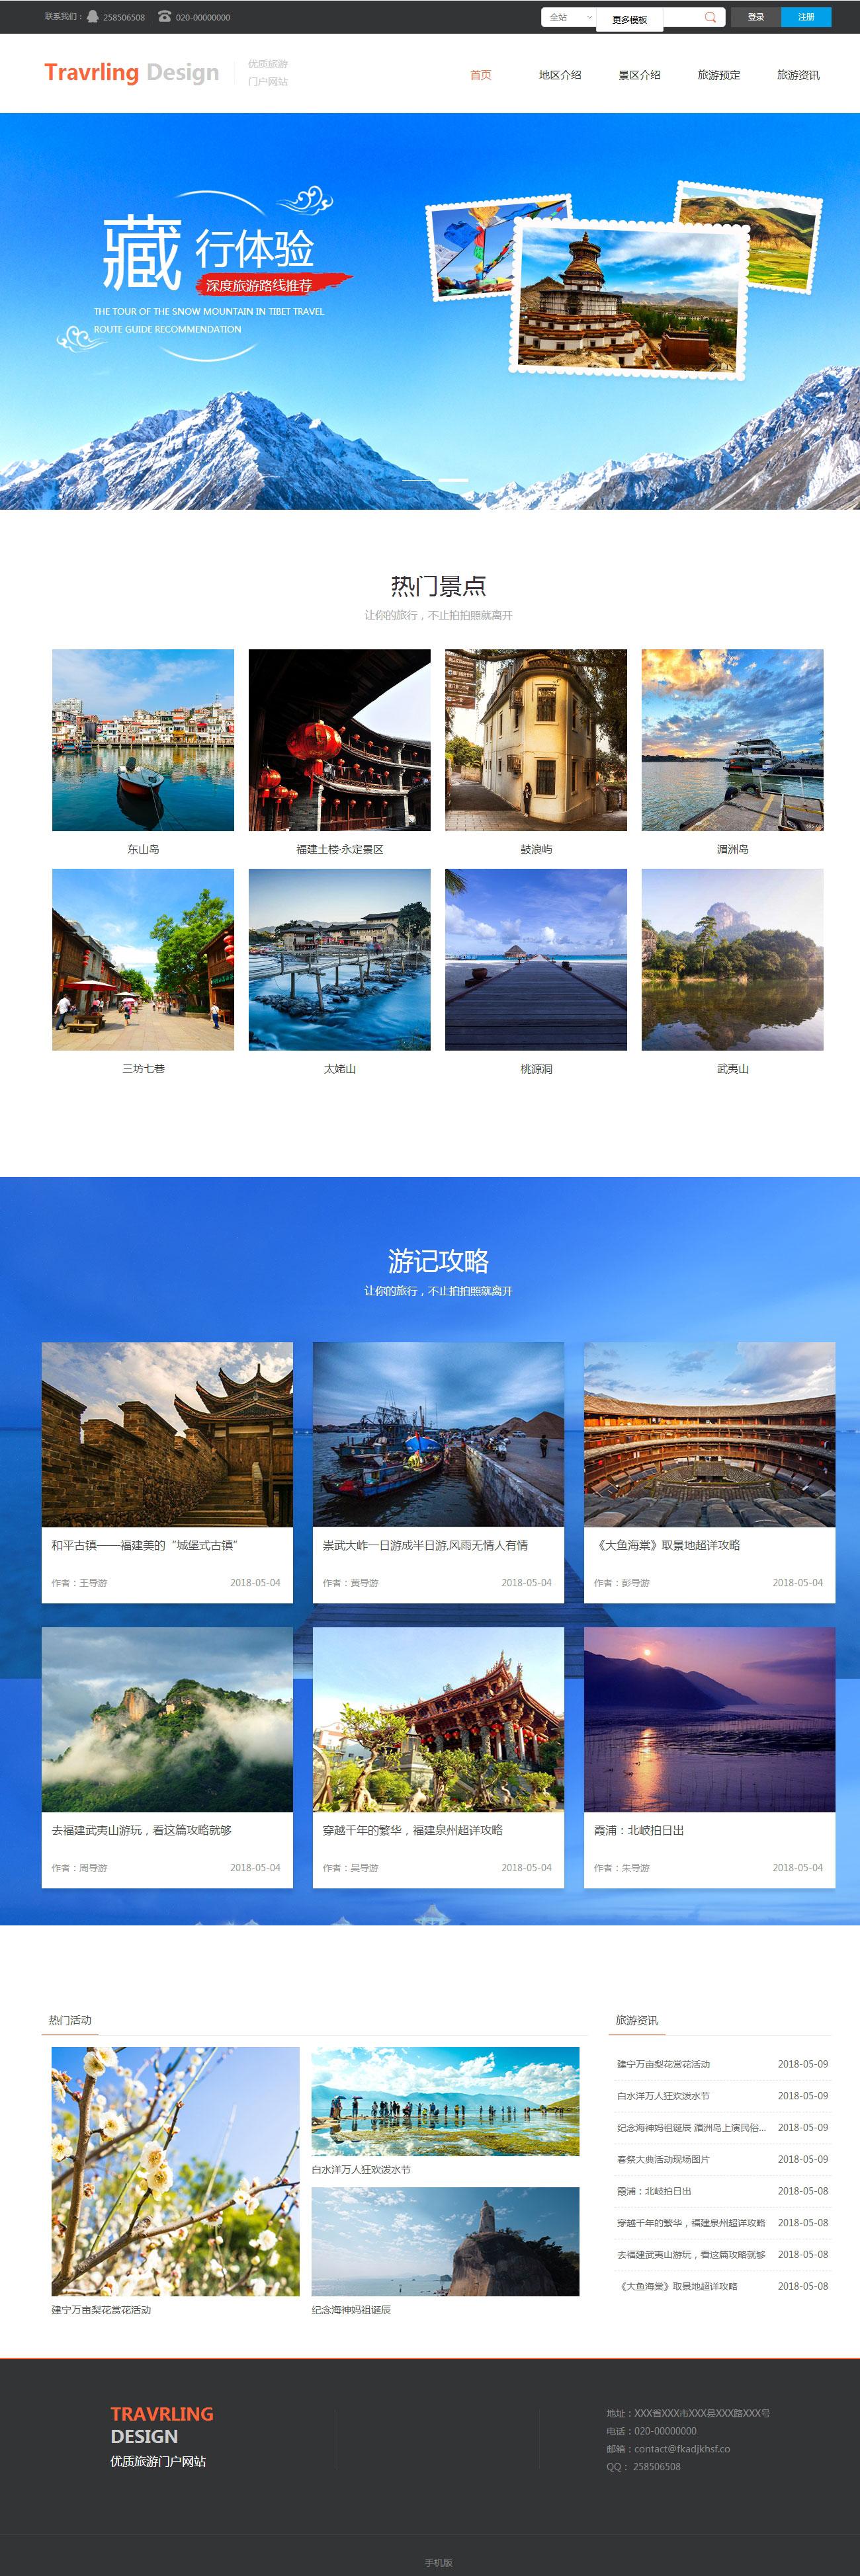 旅游资讯、预定类HTML5网页模板